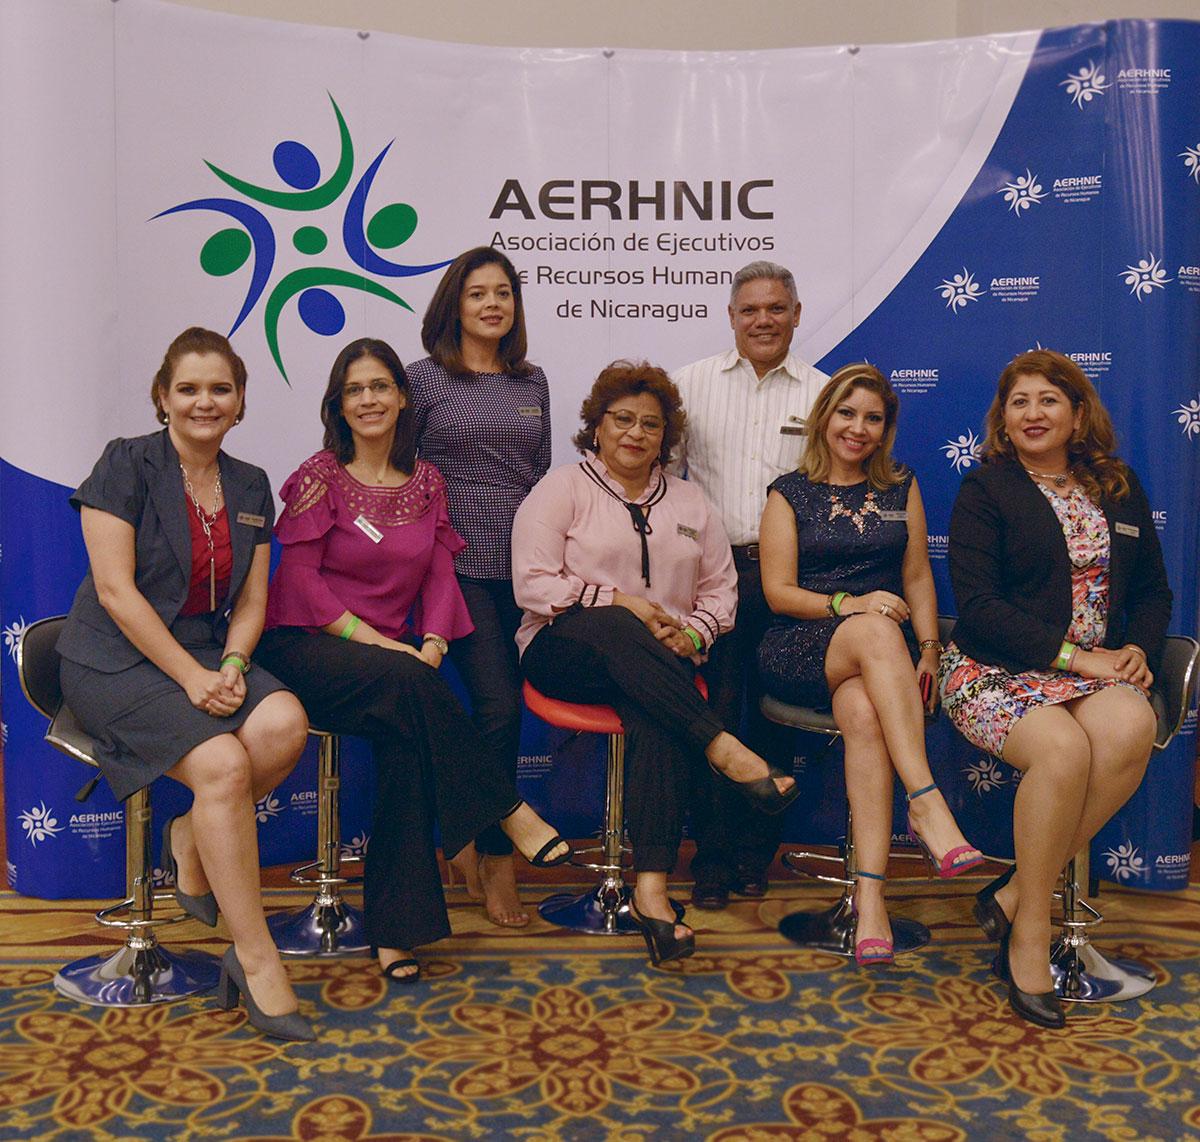 AERHNIC Junta Directiva 2019